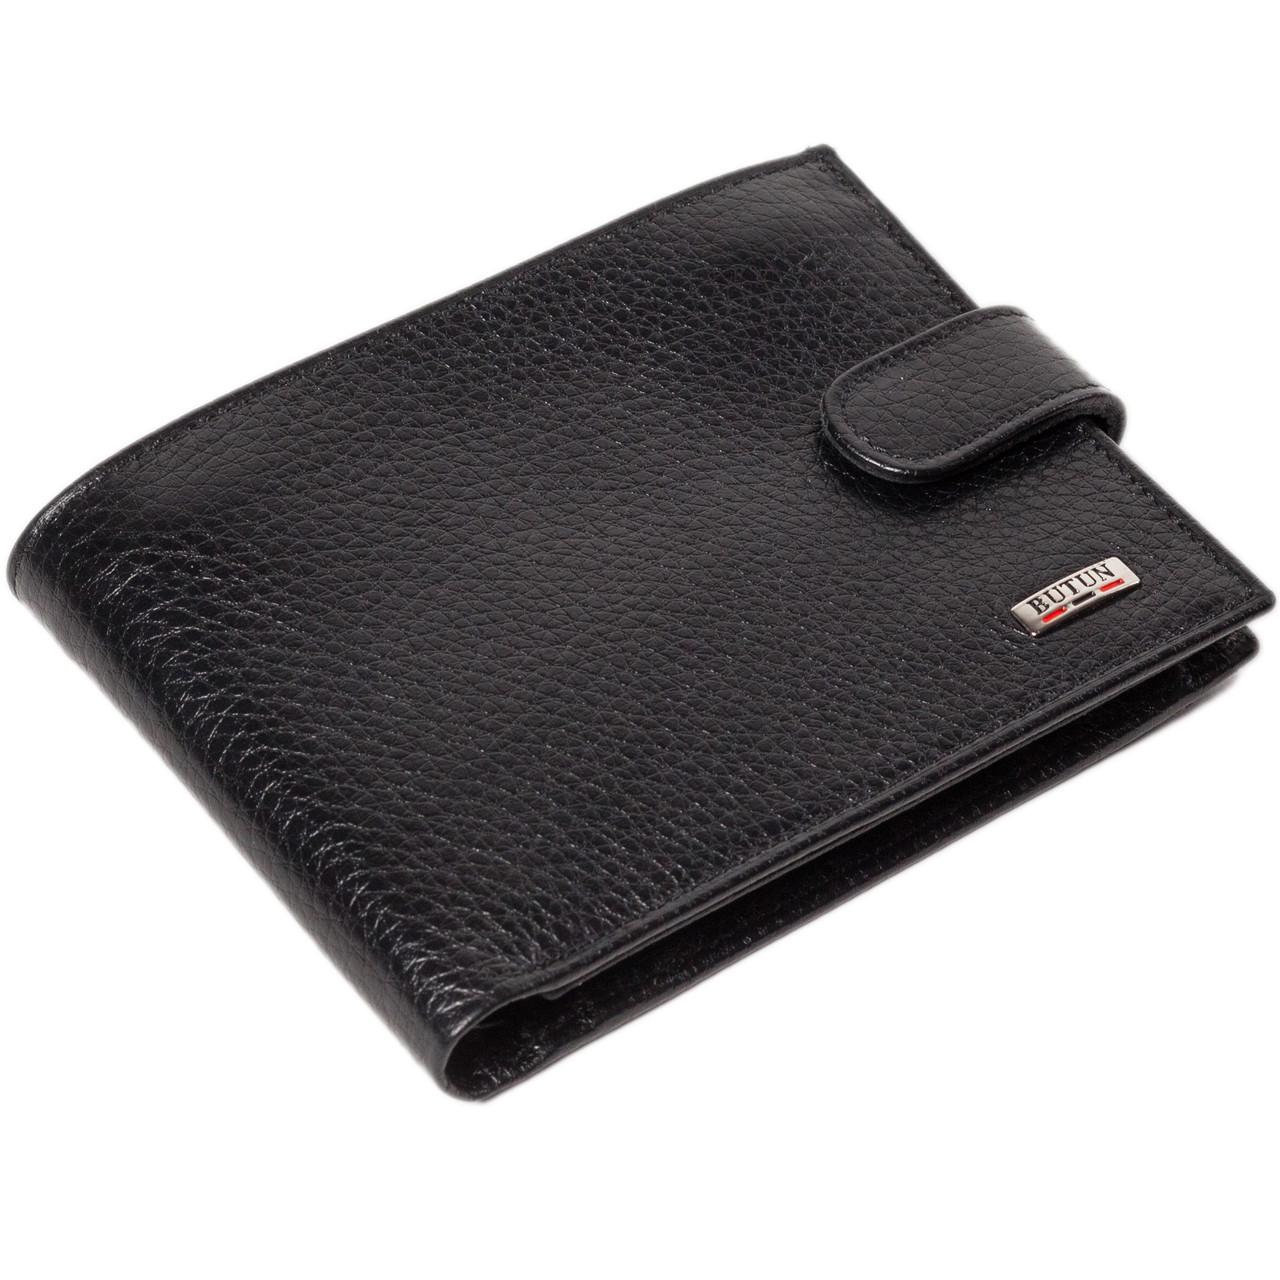 Мужское портмоне кожаное черное Butun 207-004-001